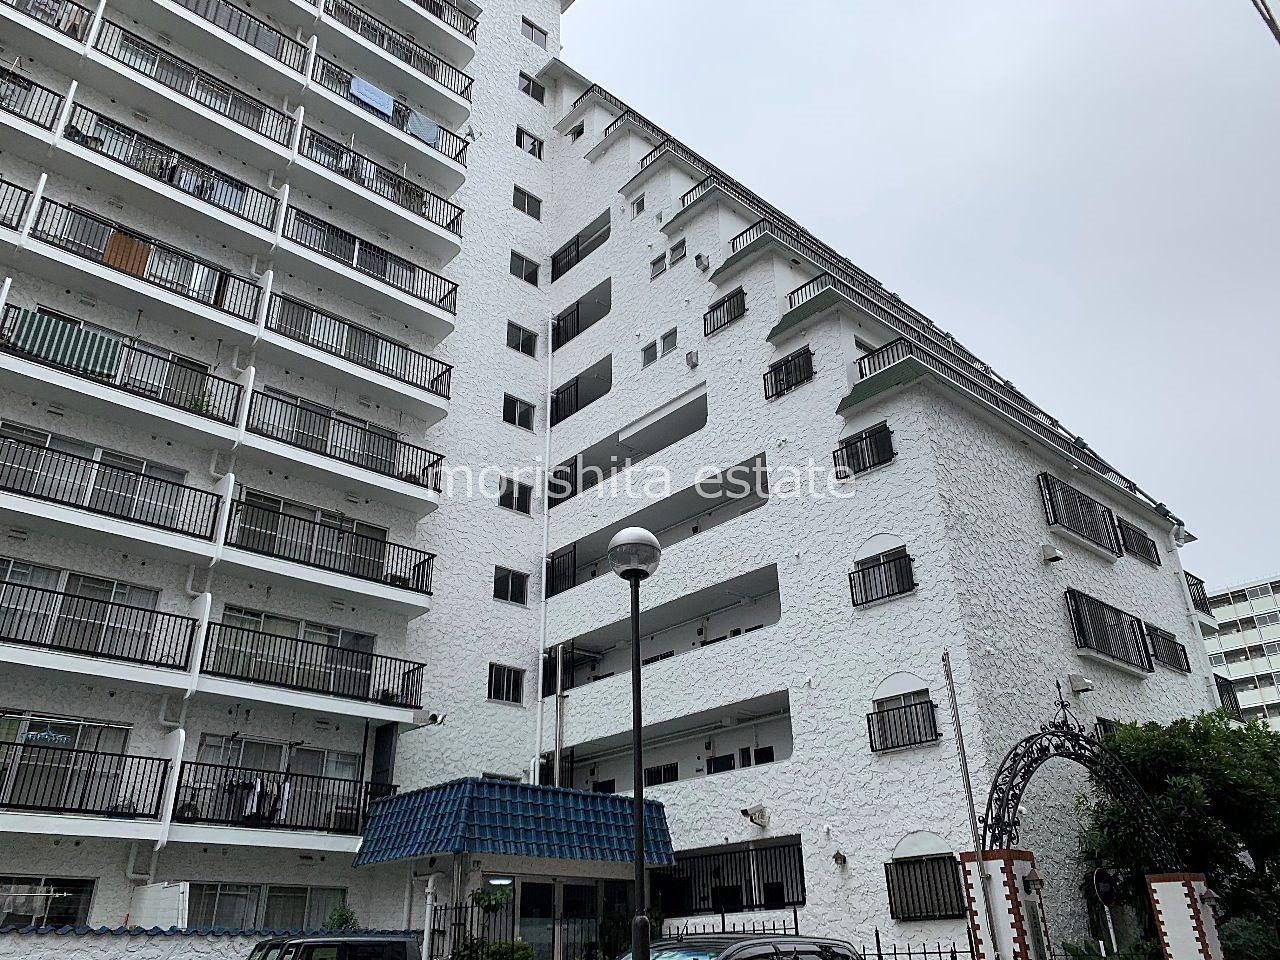 8階建が26階建に建替 渋谷区が組合に認可を!